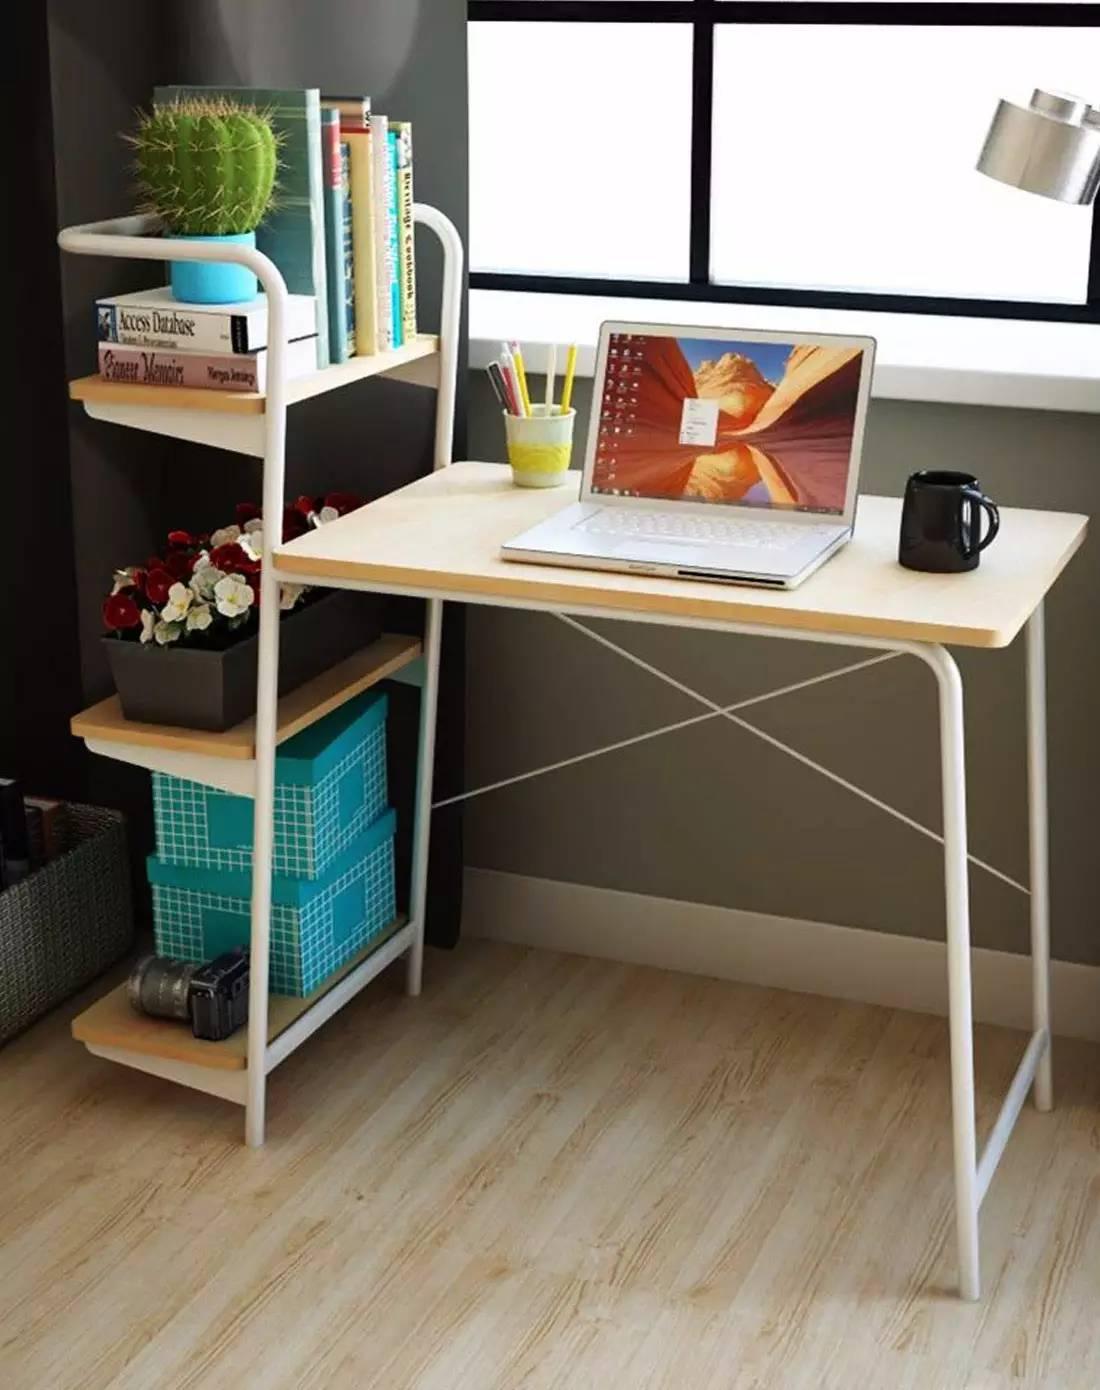 逆天书桌设计,只要几块层板就可以美美的